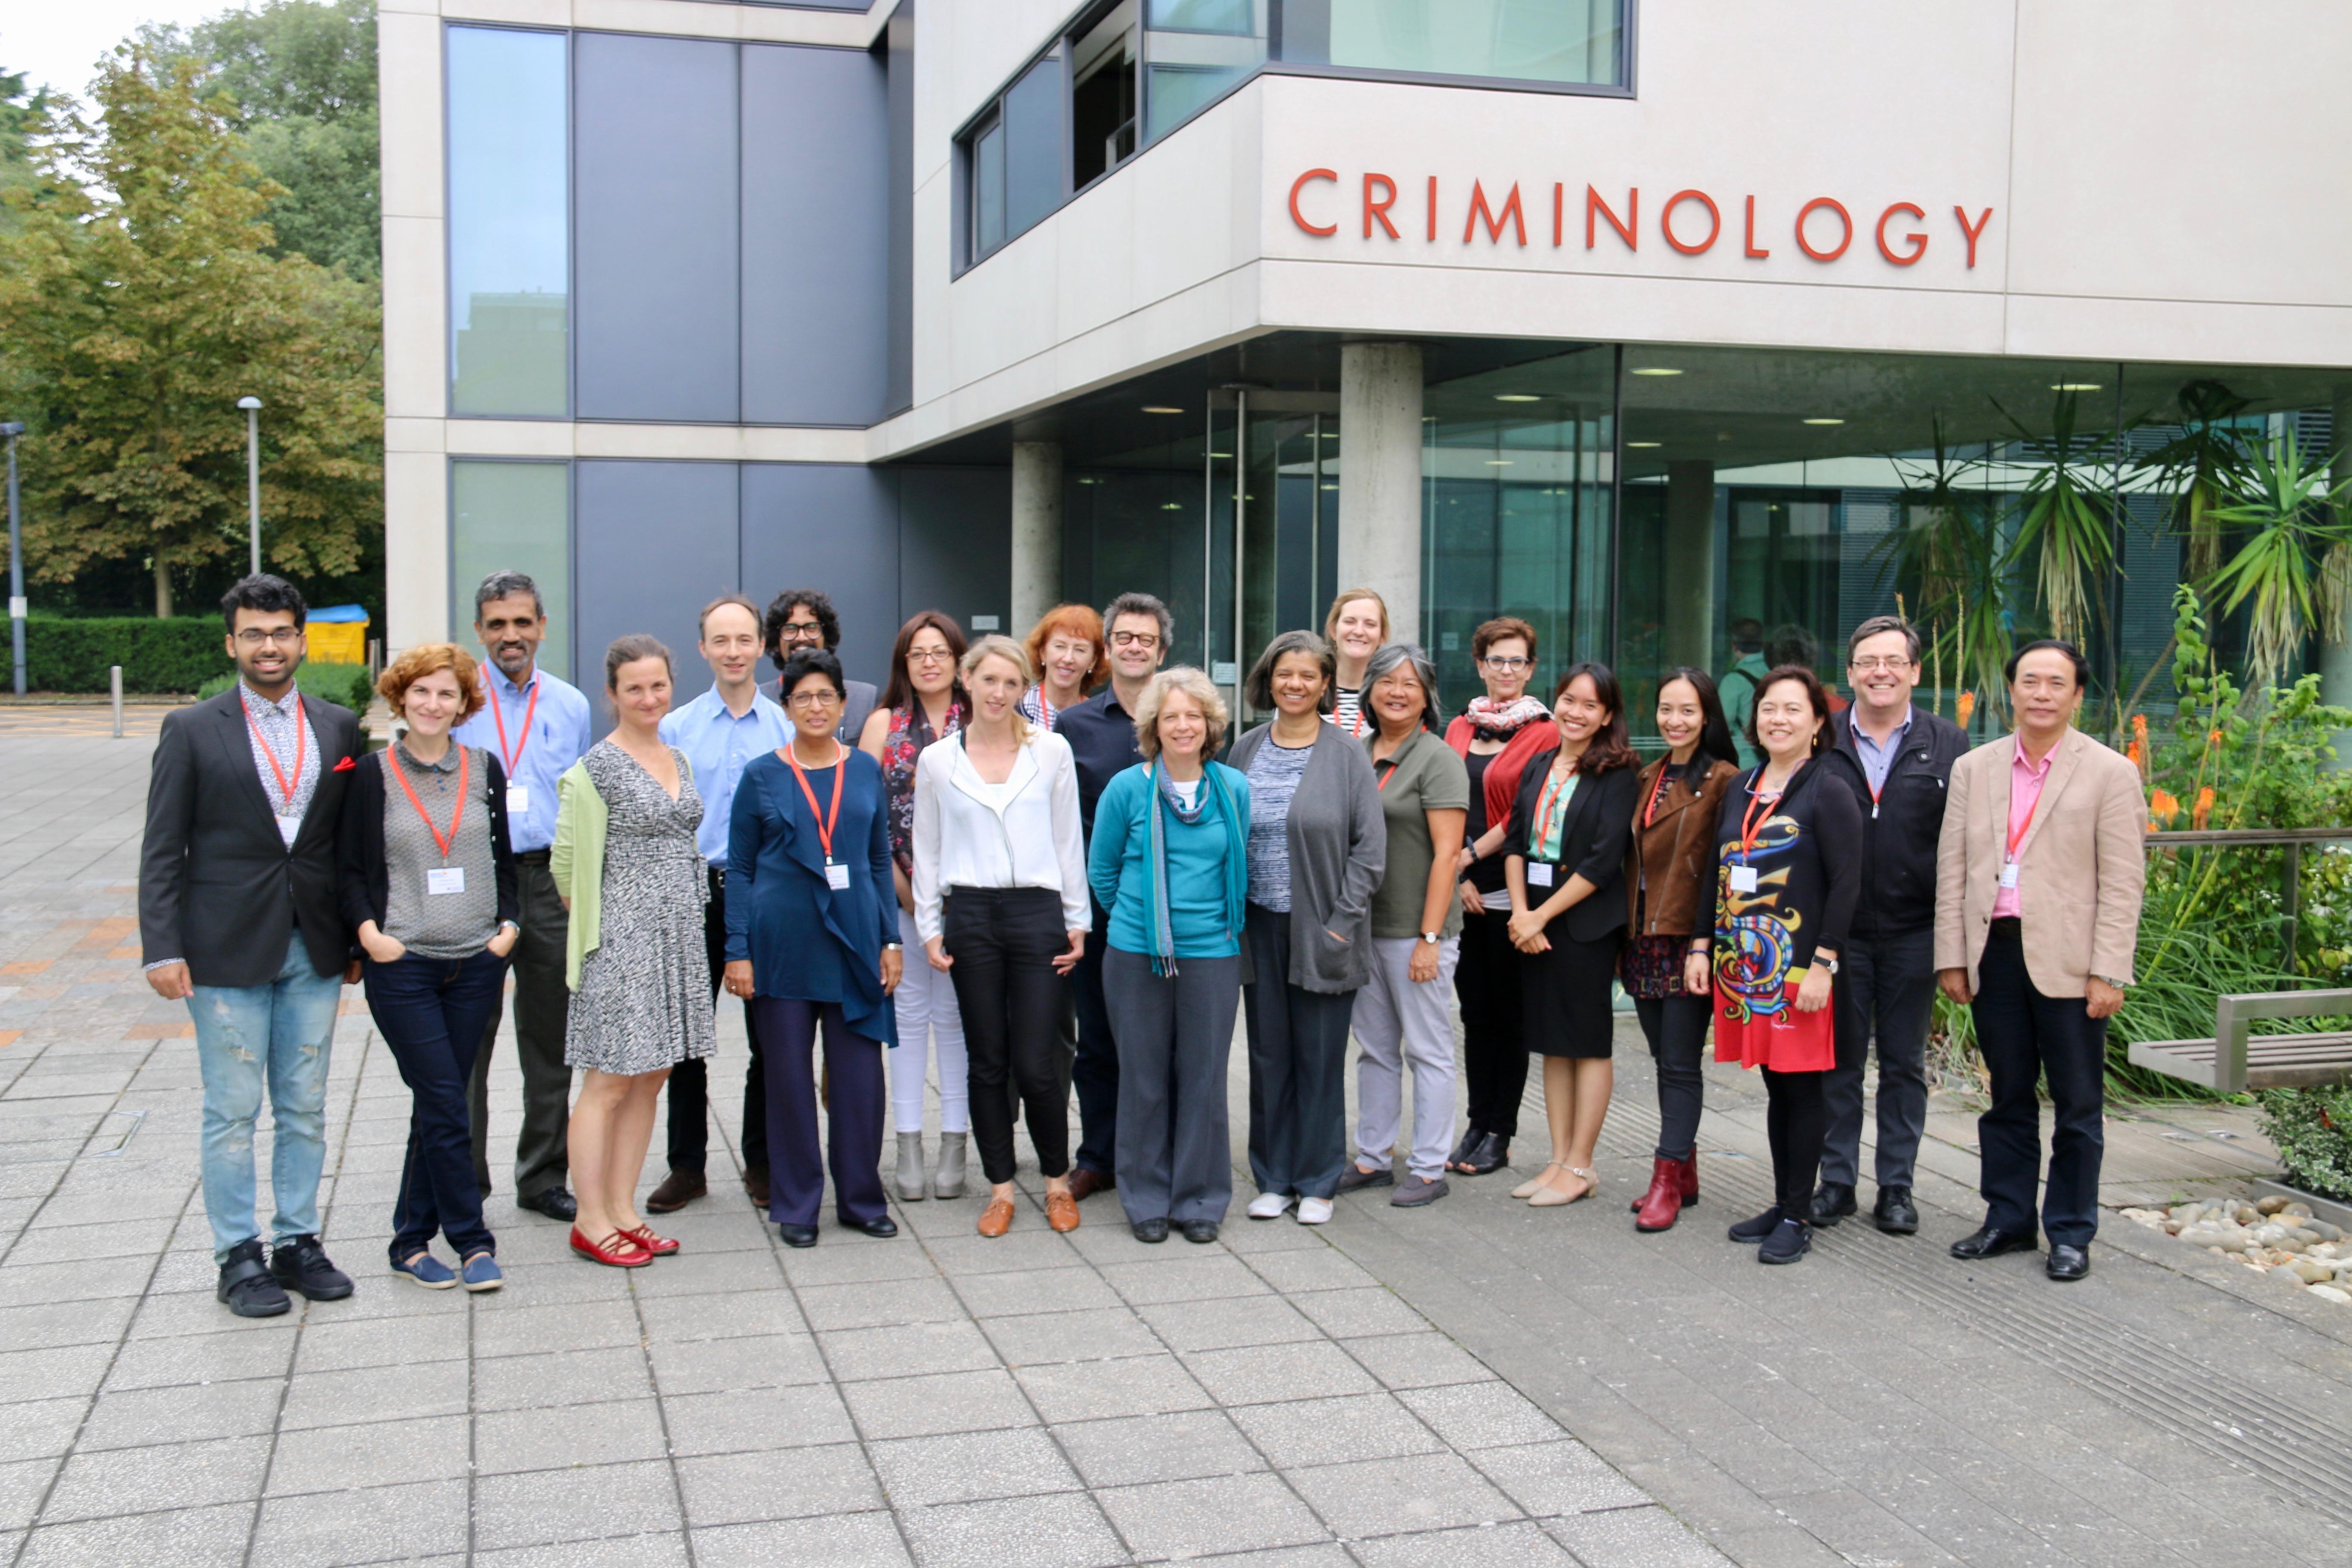 """Viện Nghiên cứu Sức khỏe Cộng đồng tham dự hội nghị """"Bằng Chứng Cho Cuộc Sống Tốt Đẹp Hơn"""" tại Cambridge, Vương Quốc Anh"""